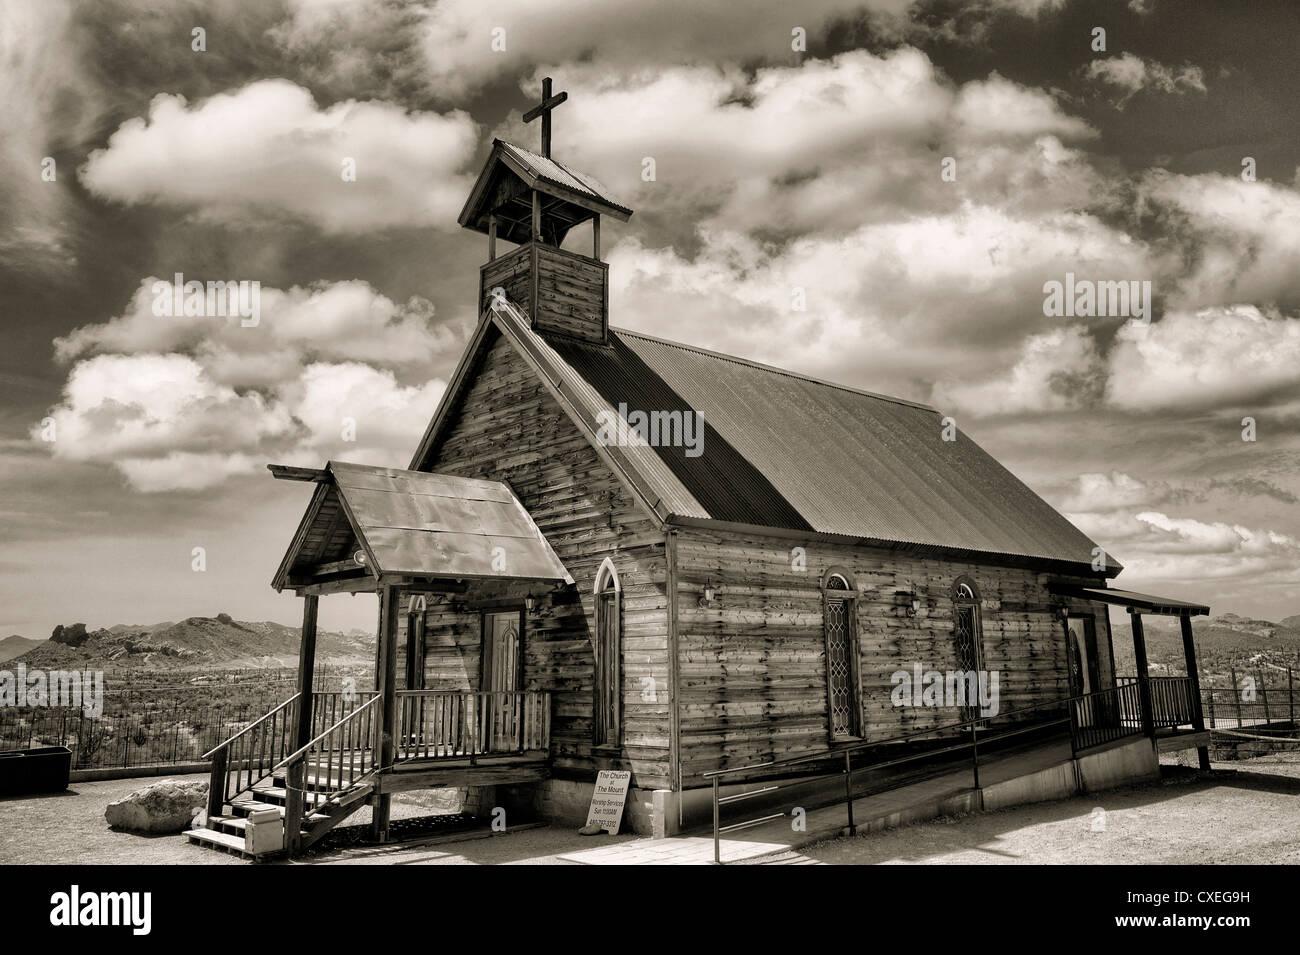 Nuovo Testamento la Chiesa cristiana. Goldfield ghost town, Arizona. Immagini Stock